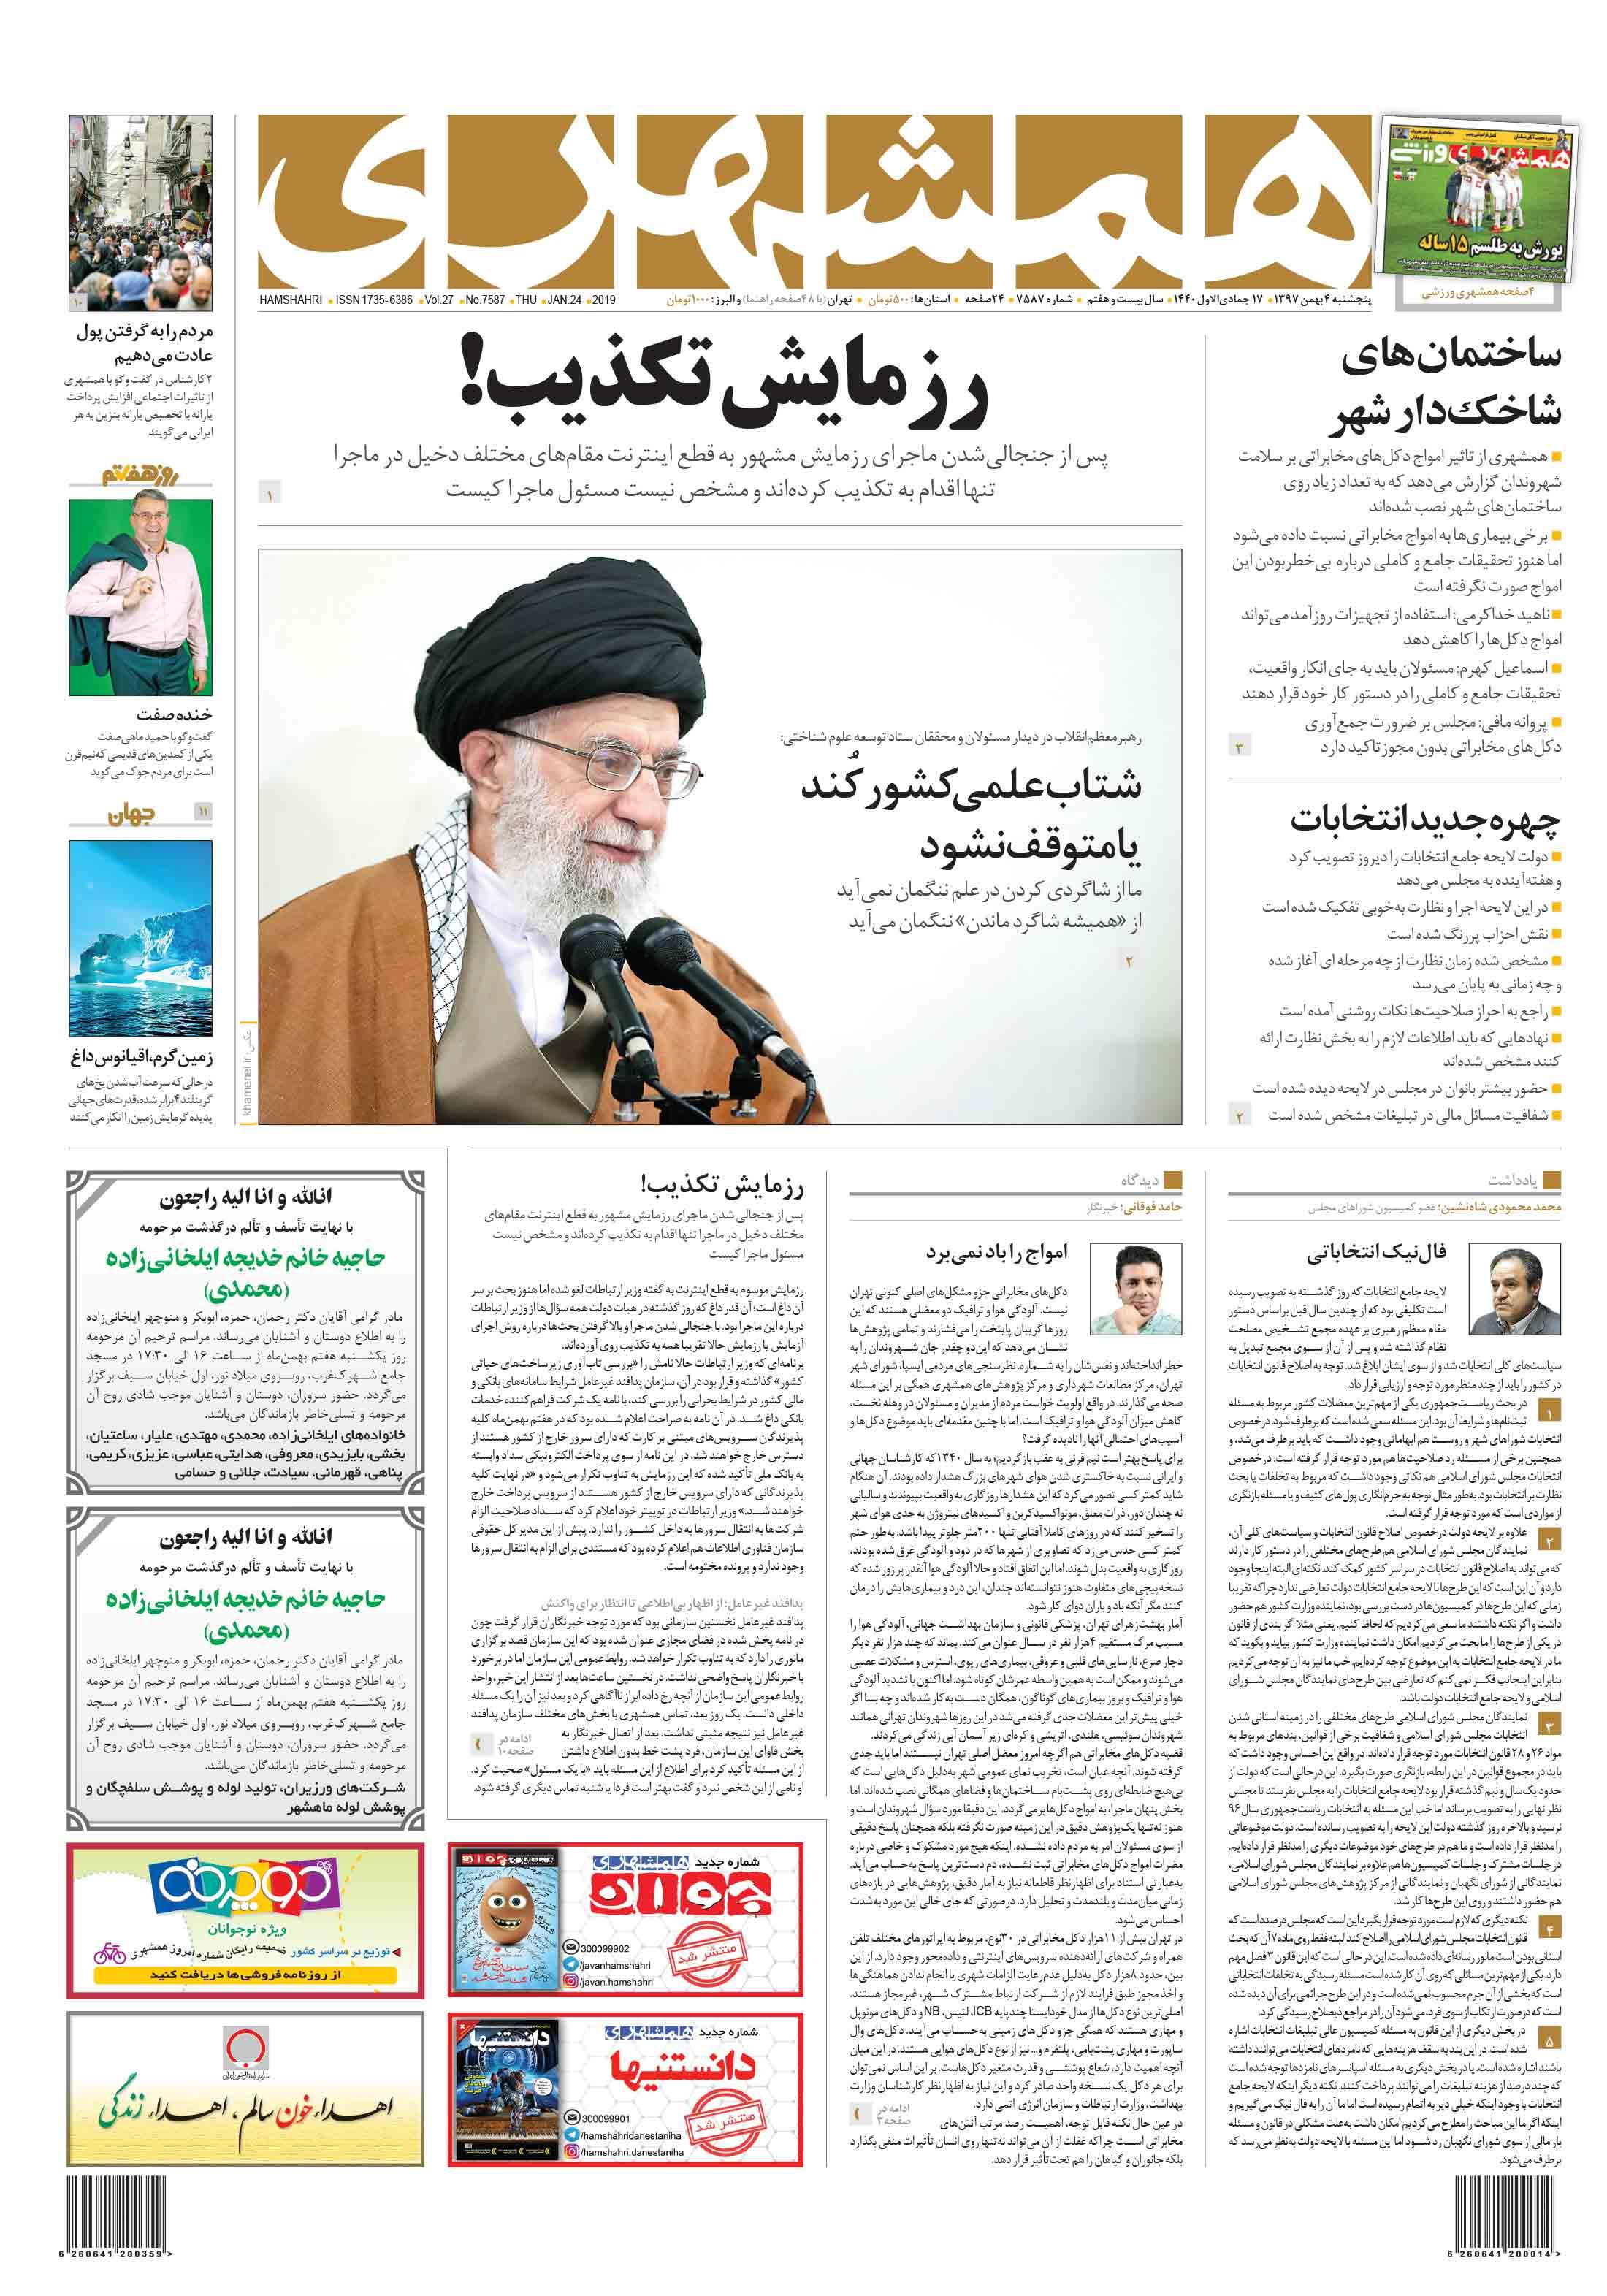 صفحه اول پنجشنبه 4 بهمن 1397